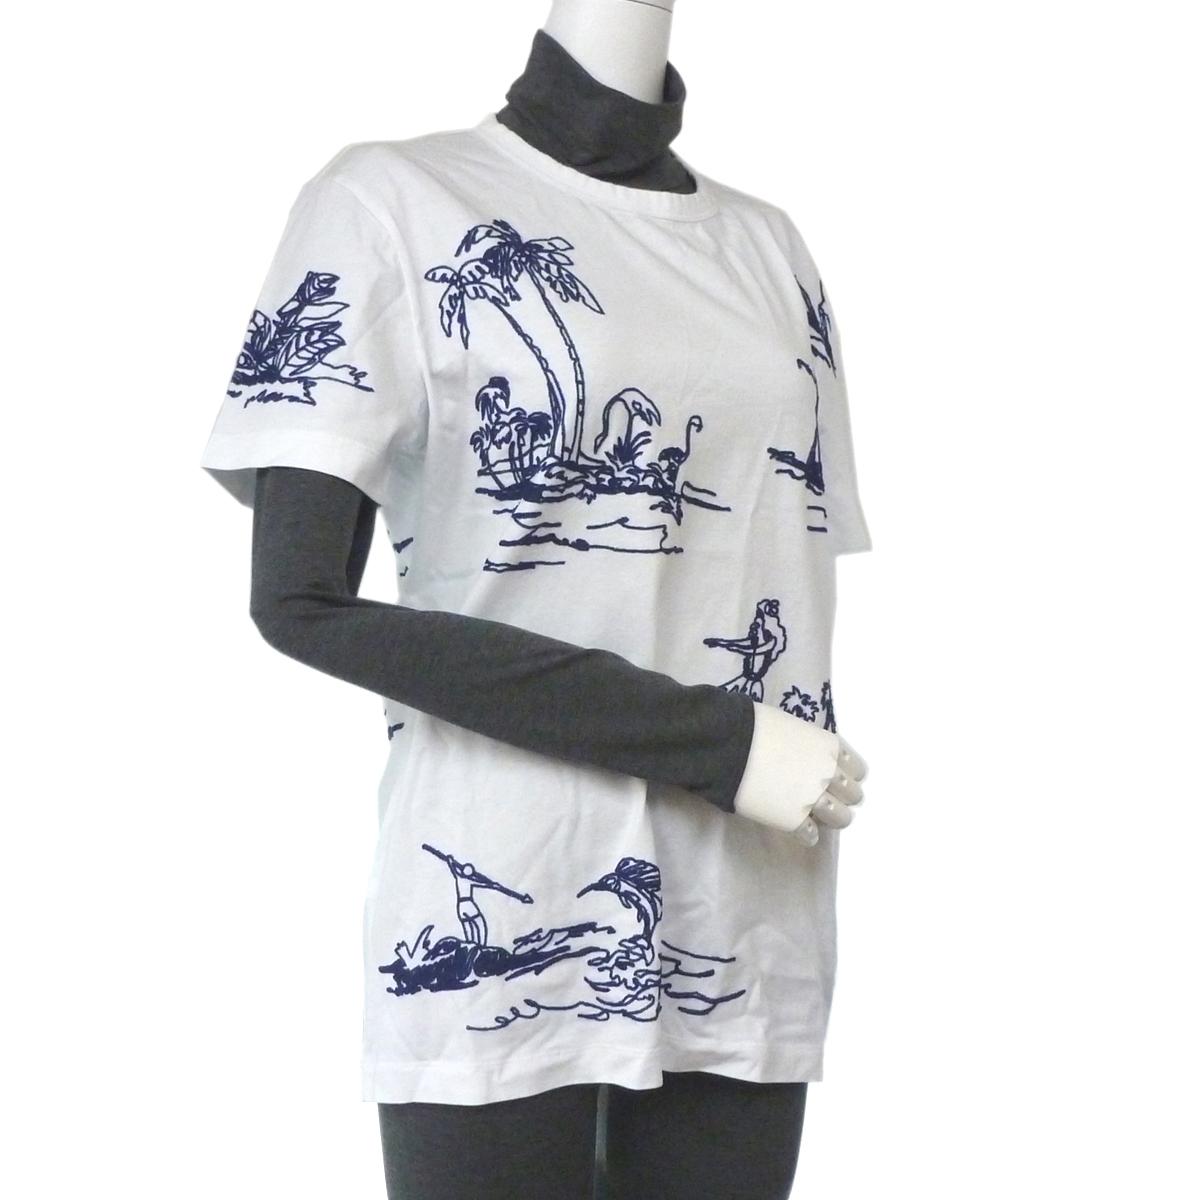 [飯能本店]MONCLER モンクレール C1 091 8035151 Tシャツ #M コットン ホワイト 白色 ネイビー紺色 DH46636【大黒屋質店出品】【中古】 DH46636【大黒屋質店出品】 【中古】